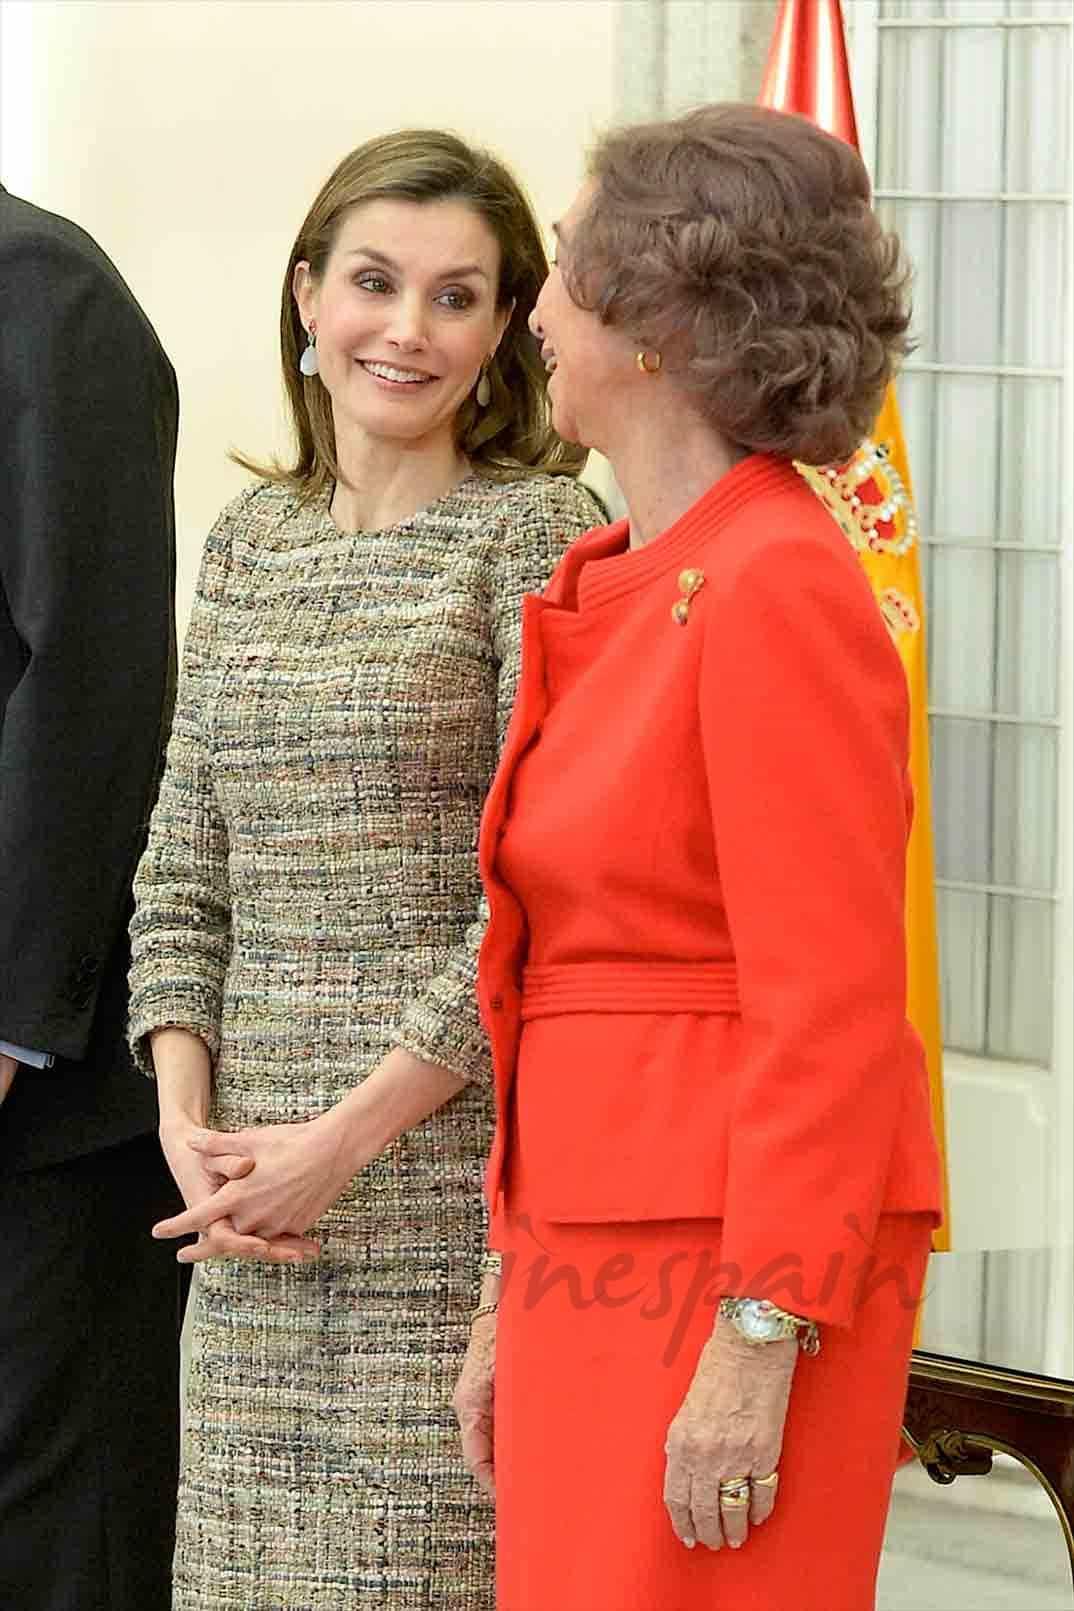 reinas letizia y Sofia una ,agnifica relacion